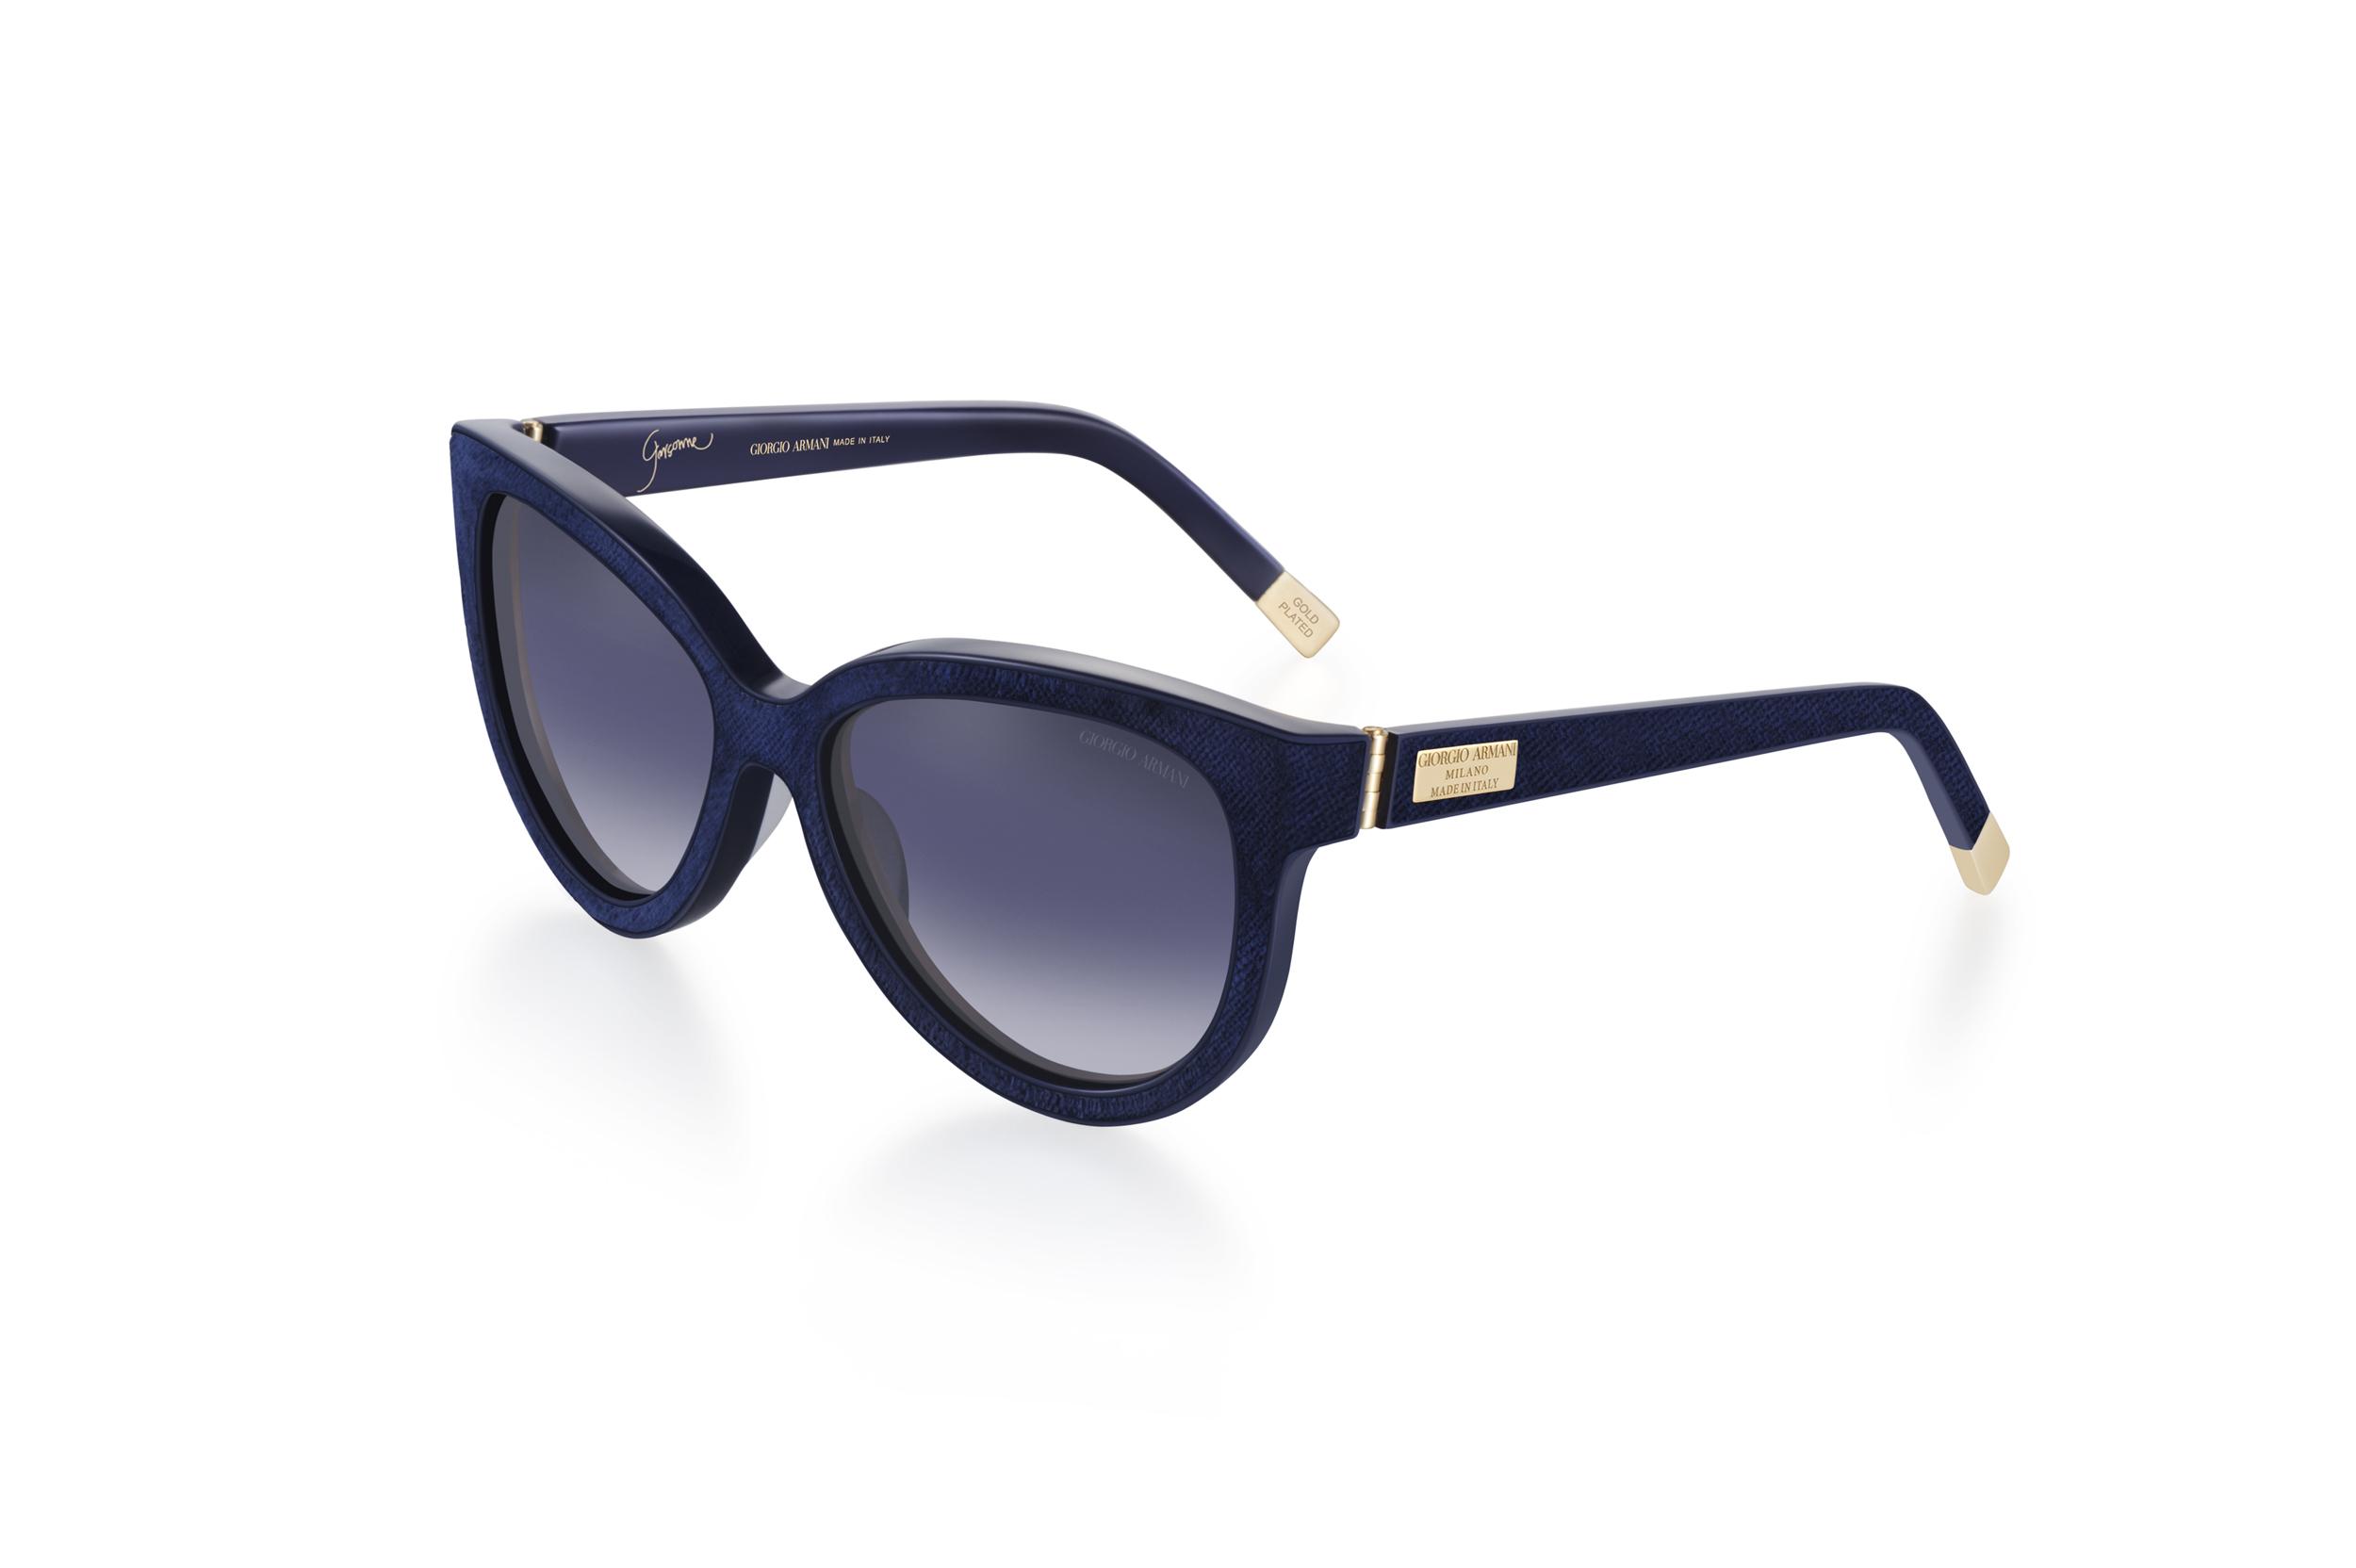 """Giorgio Armani celebra lo stile """"Garçonne"""" con gli occhiali in velluto"""